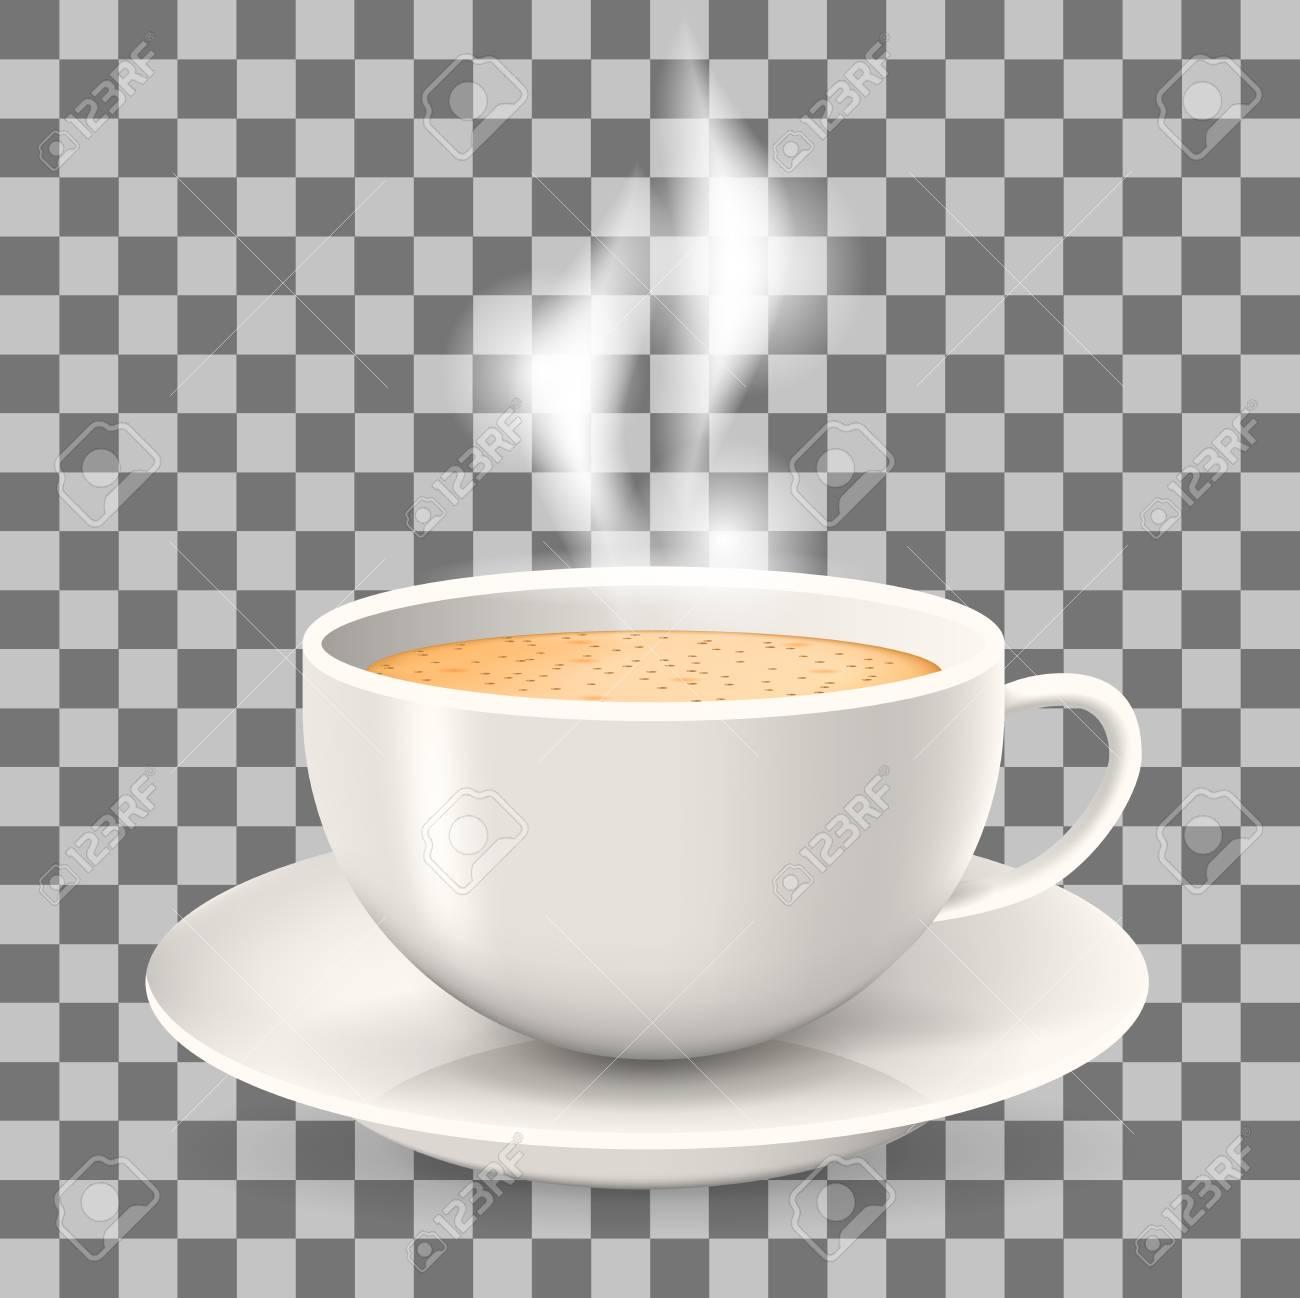 Heiße Tasse Kaffee Mit Dampf Auf Untertasse. Element Auf Dem ...